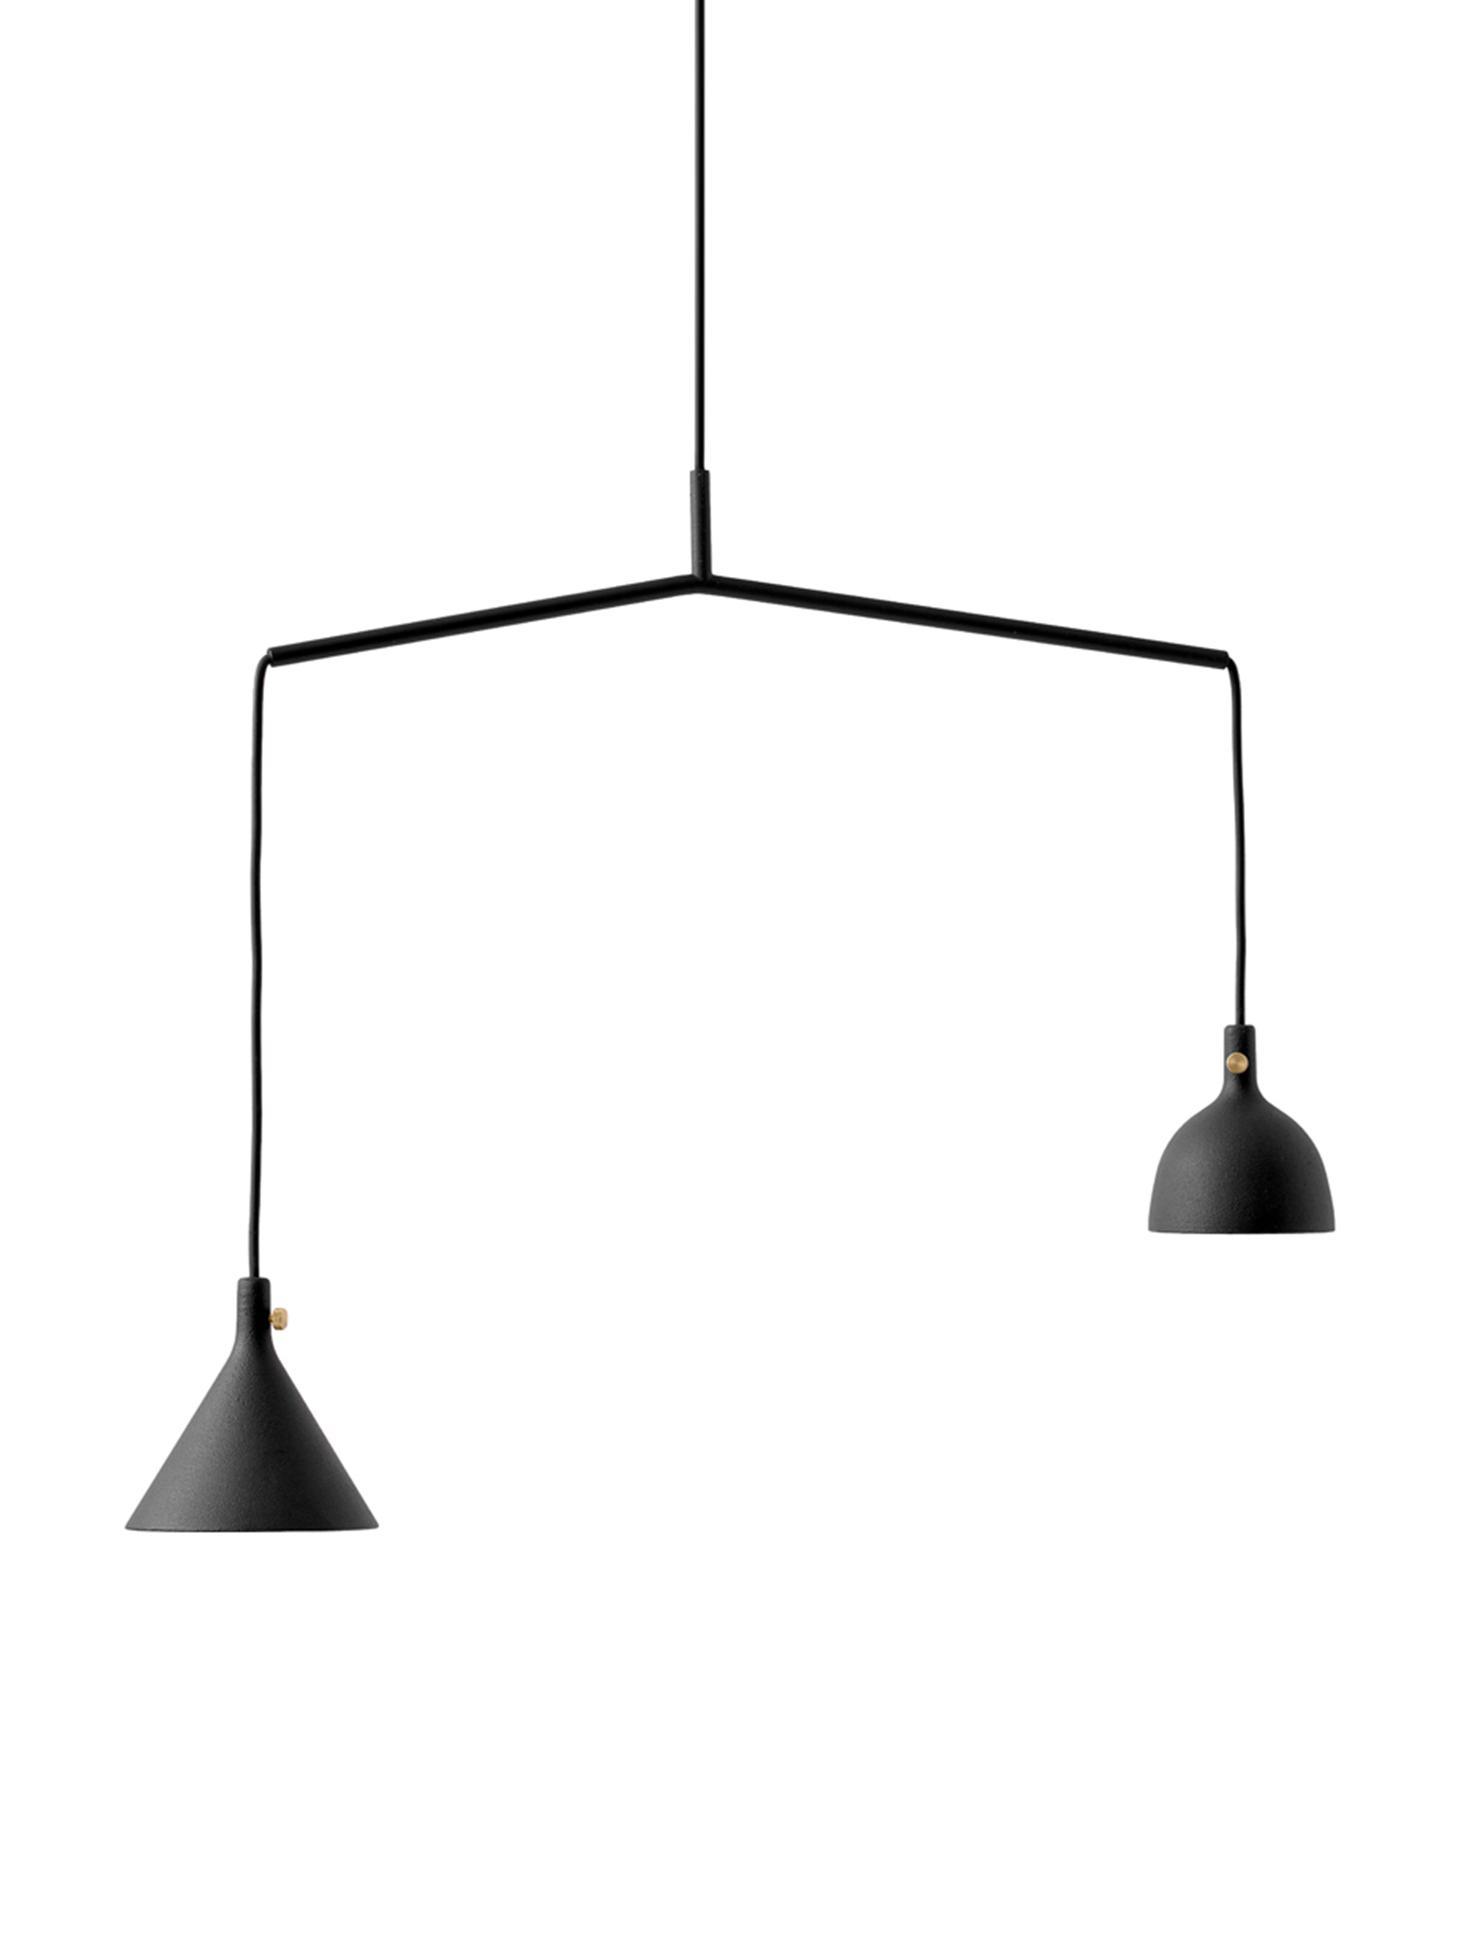 Pendelleuchte Cast mit Gegengewicht, Lampenschirm: Aluminium, beschichtet, M, Baldachin: Metall, pulverbeschichtet, Schwarz, 66 x 32 cm